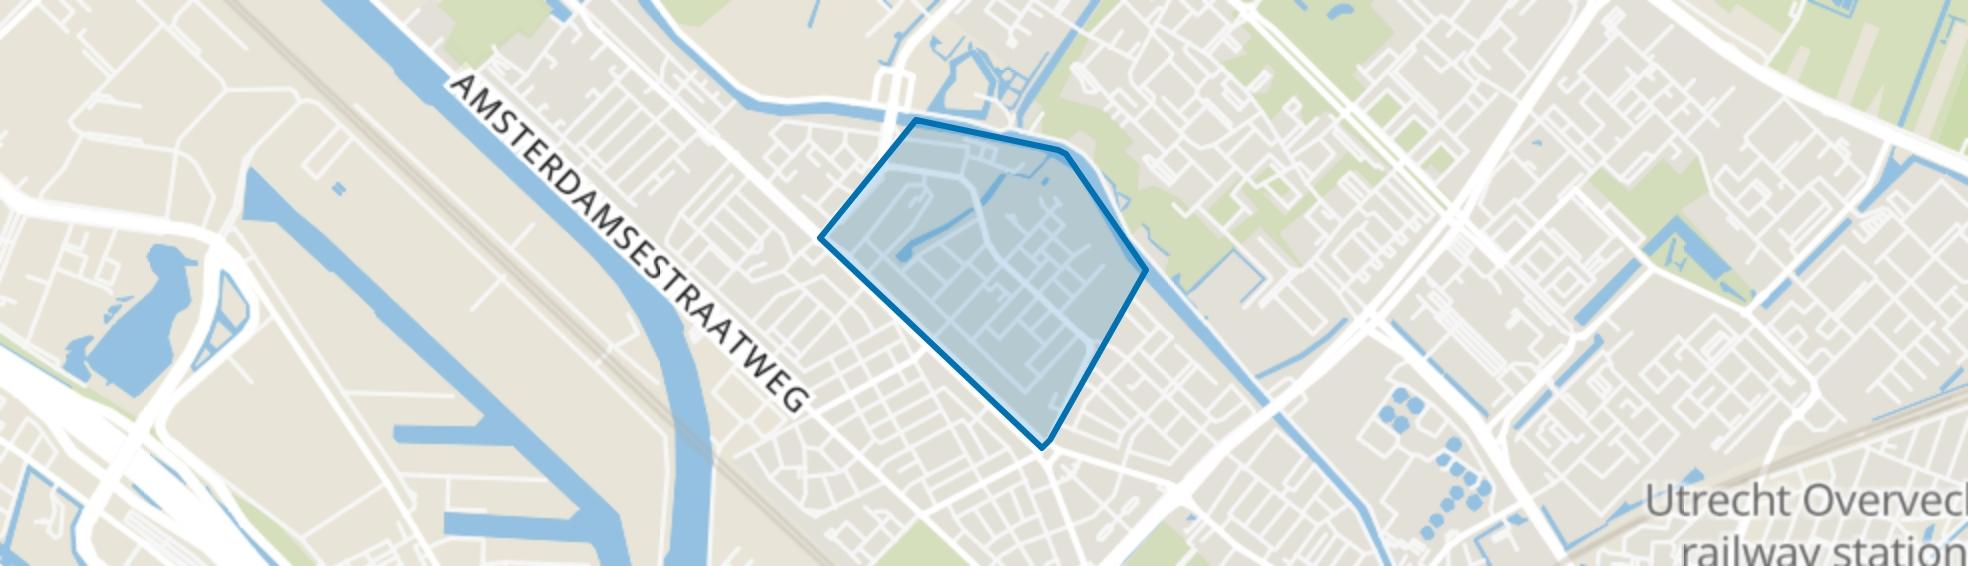 Schaakbuurt en omgeving, Utrecht map